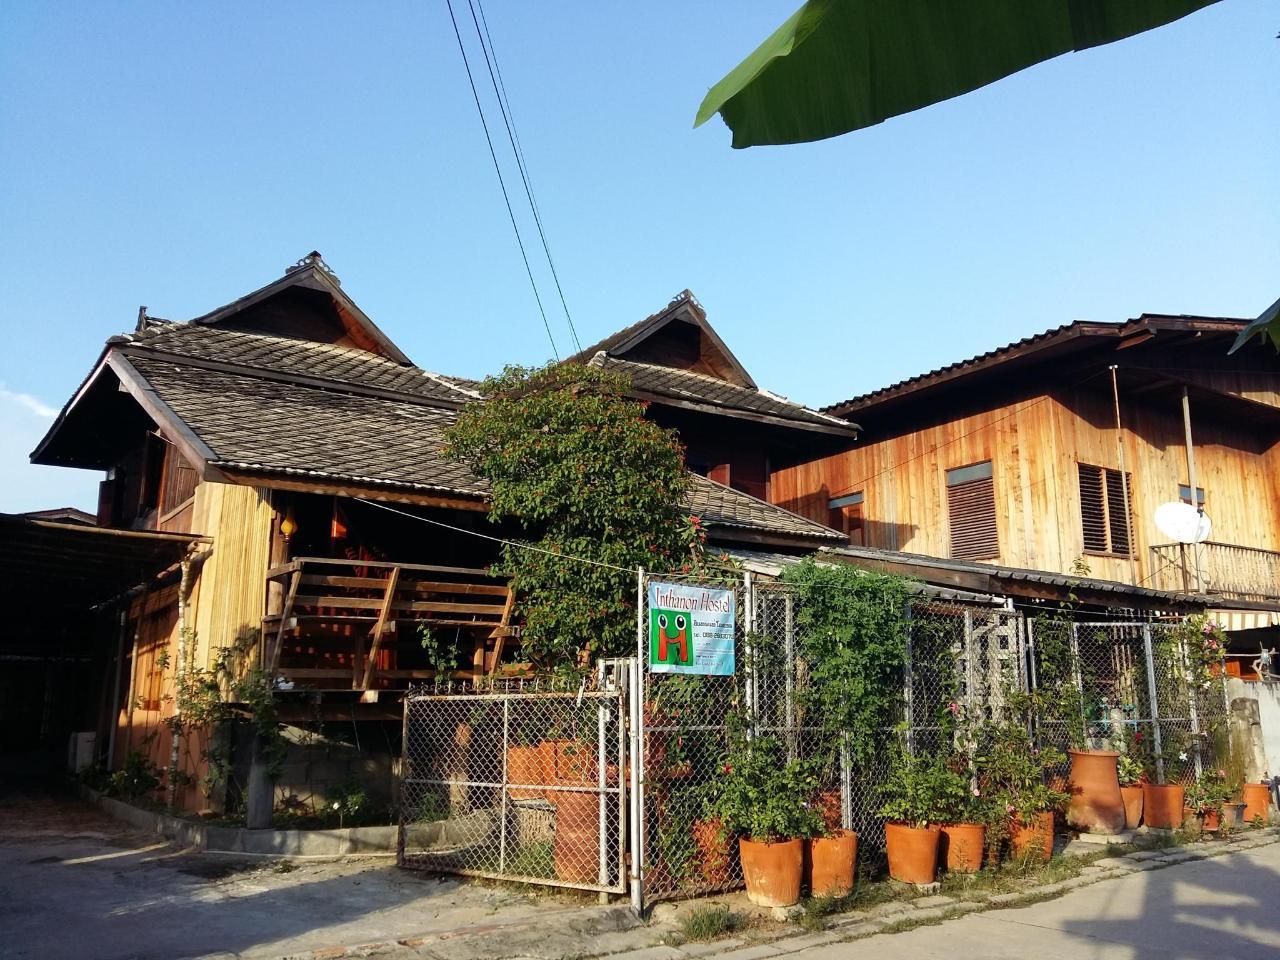 อินทนนท์ โฮสเทล (Inthanon Hostel)